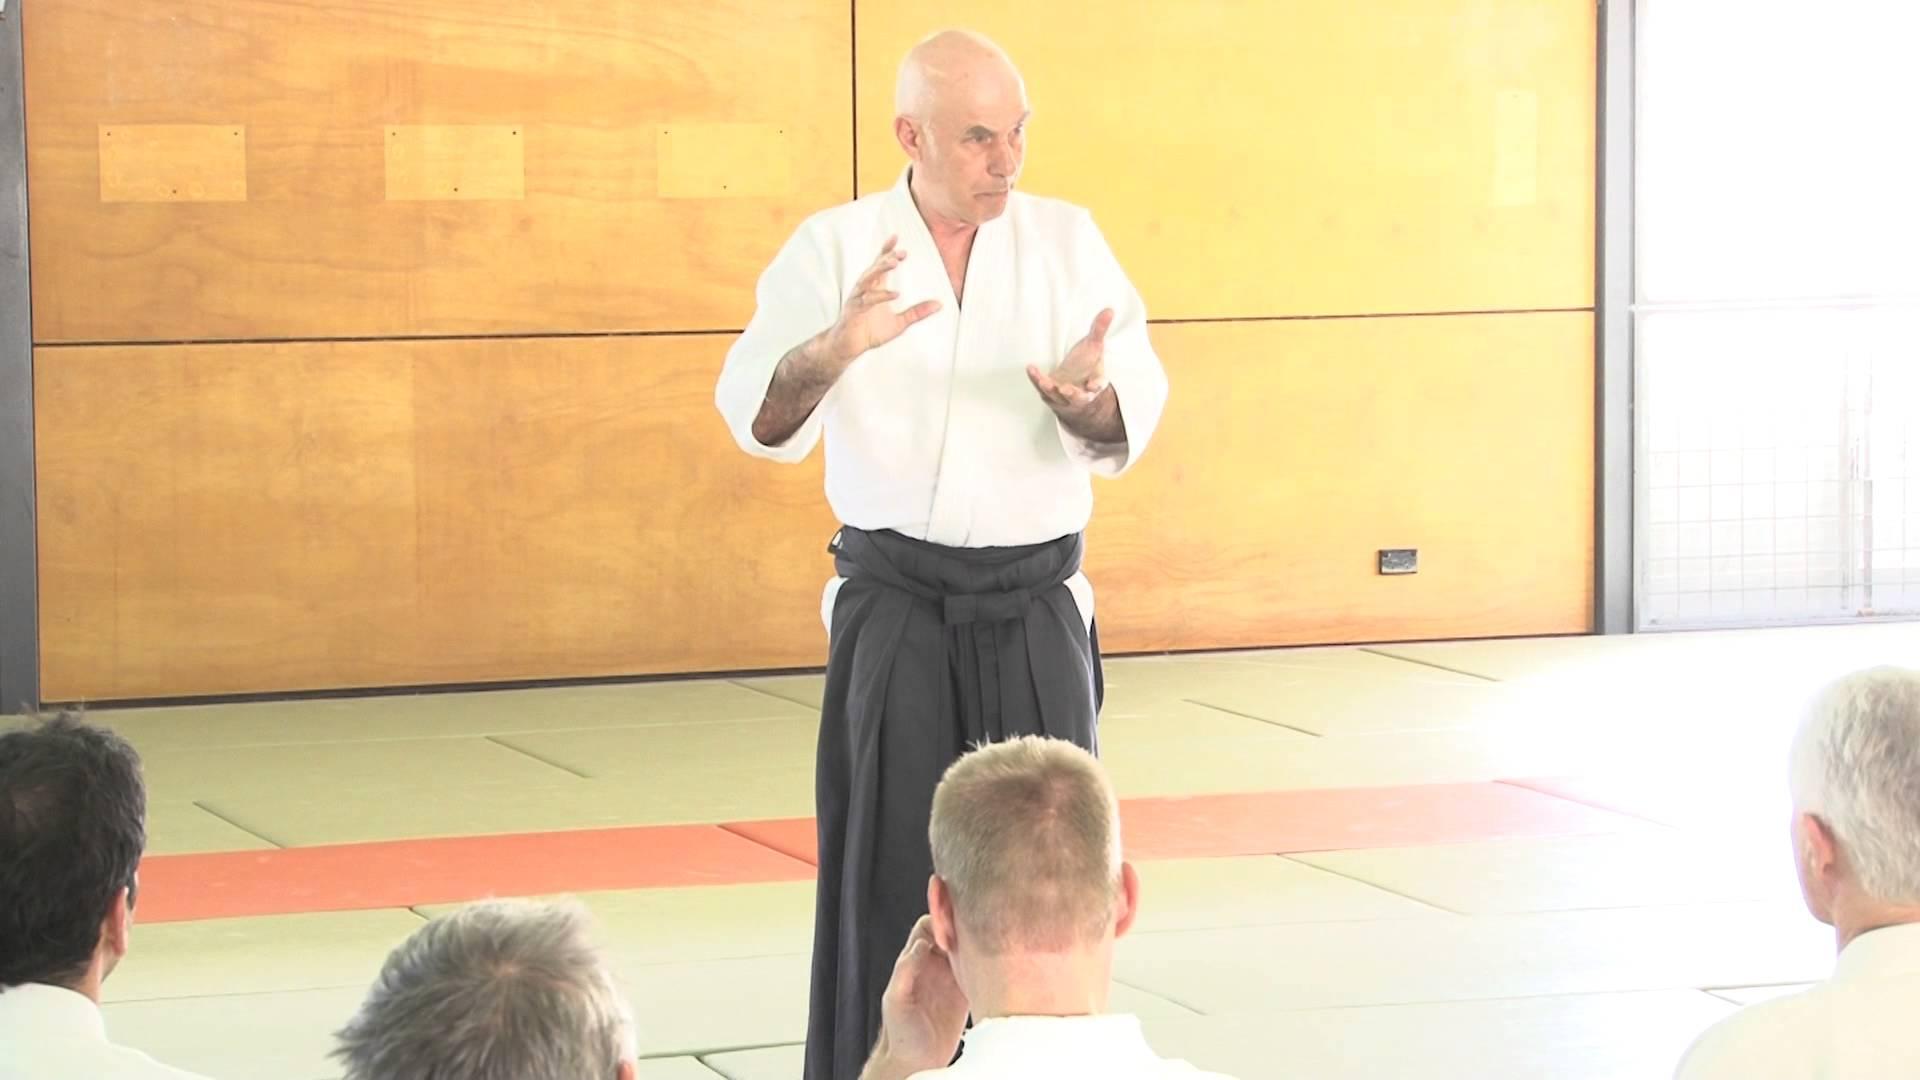 Gleason aikido